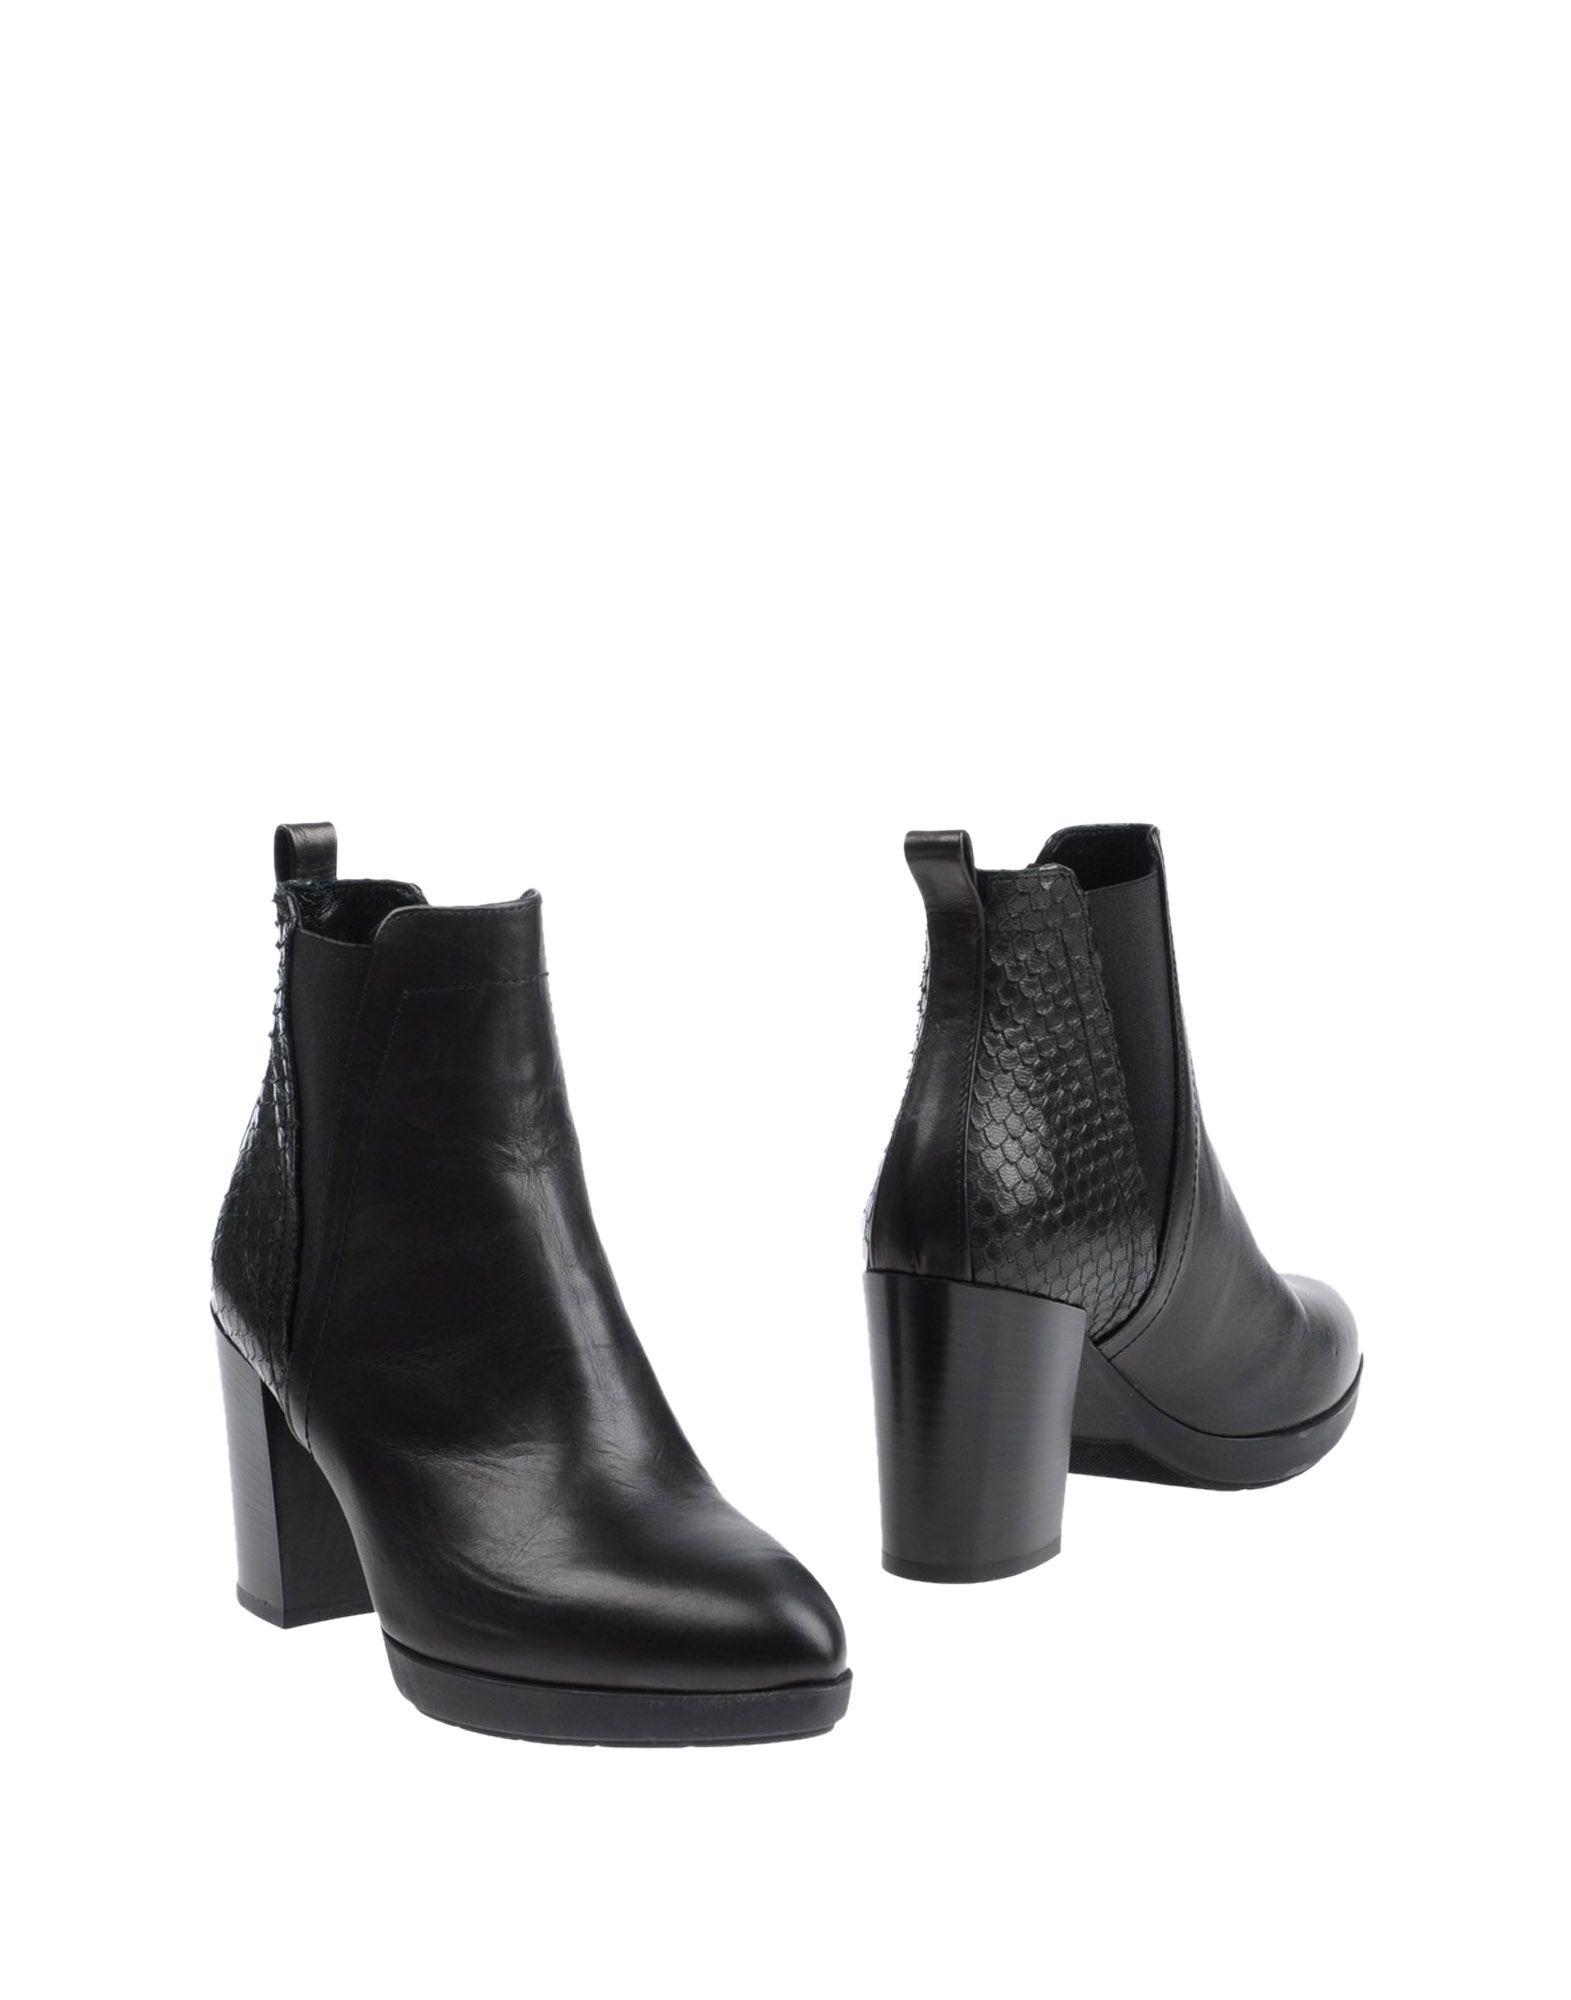 LORENZO MARI Полусапоги и высокие ботинки цены онлайн